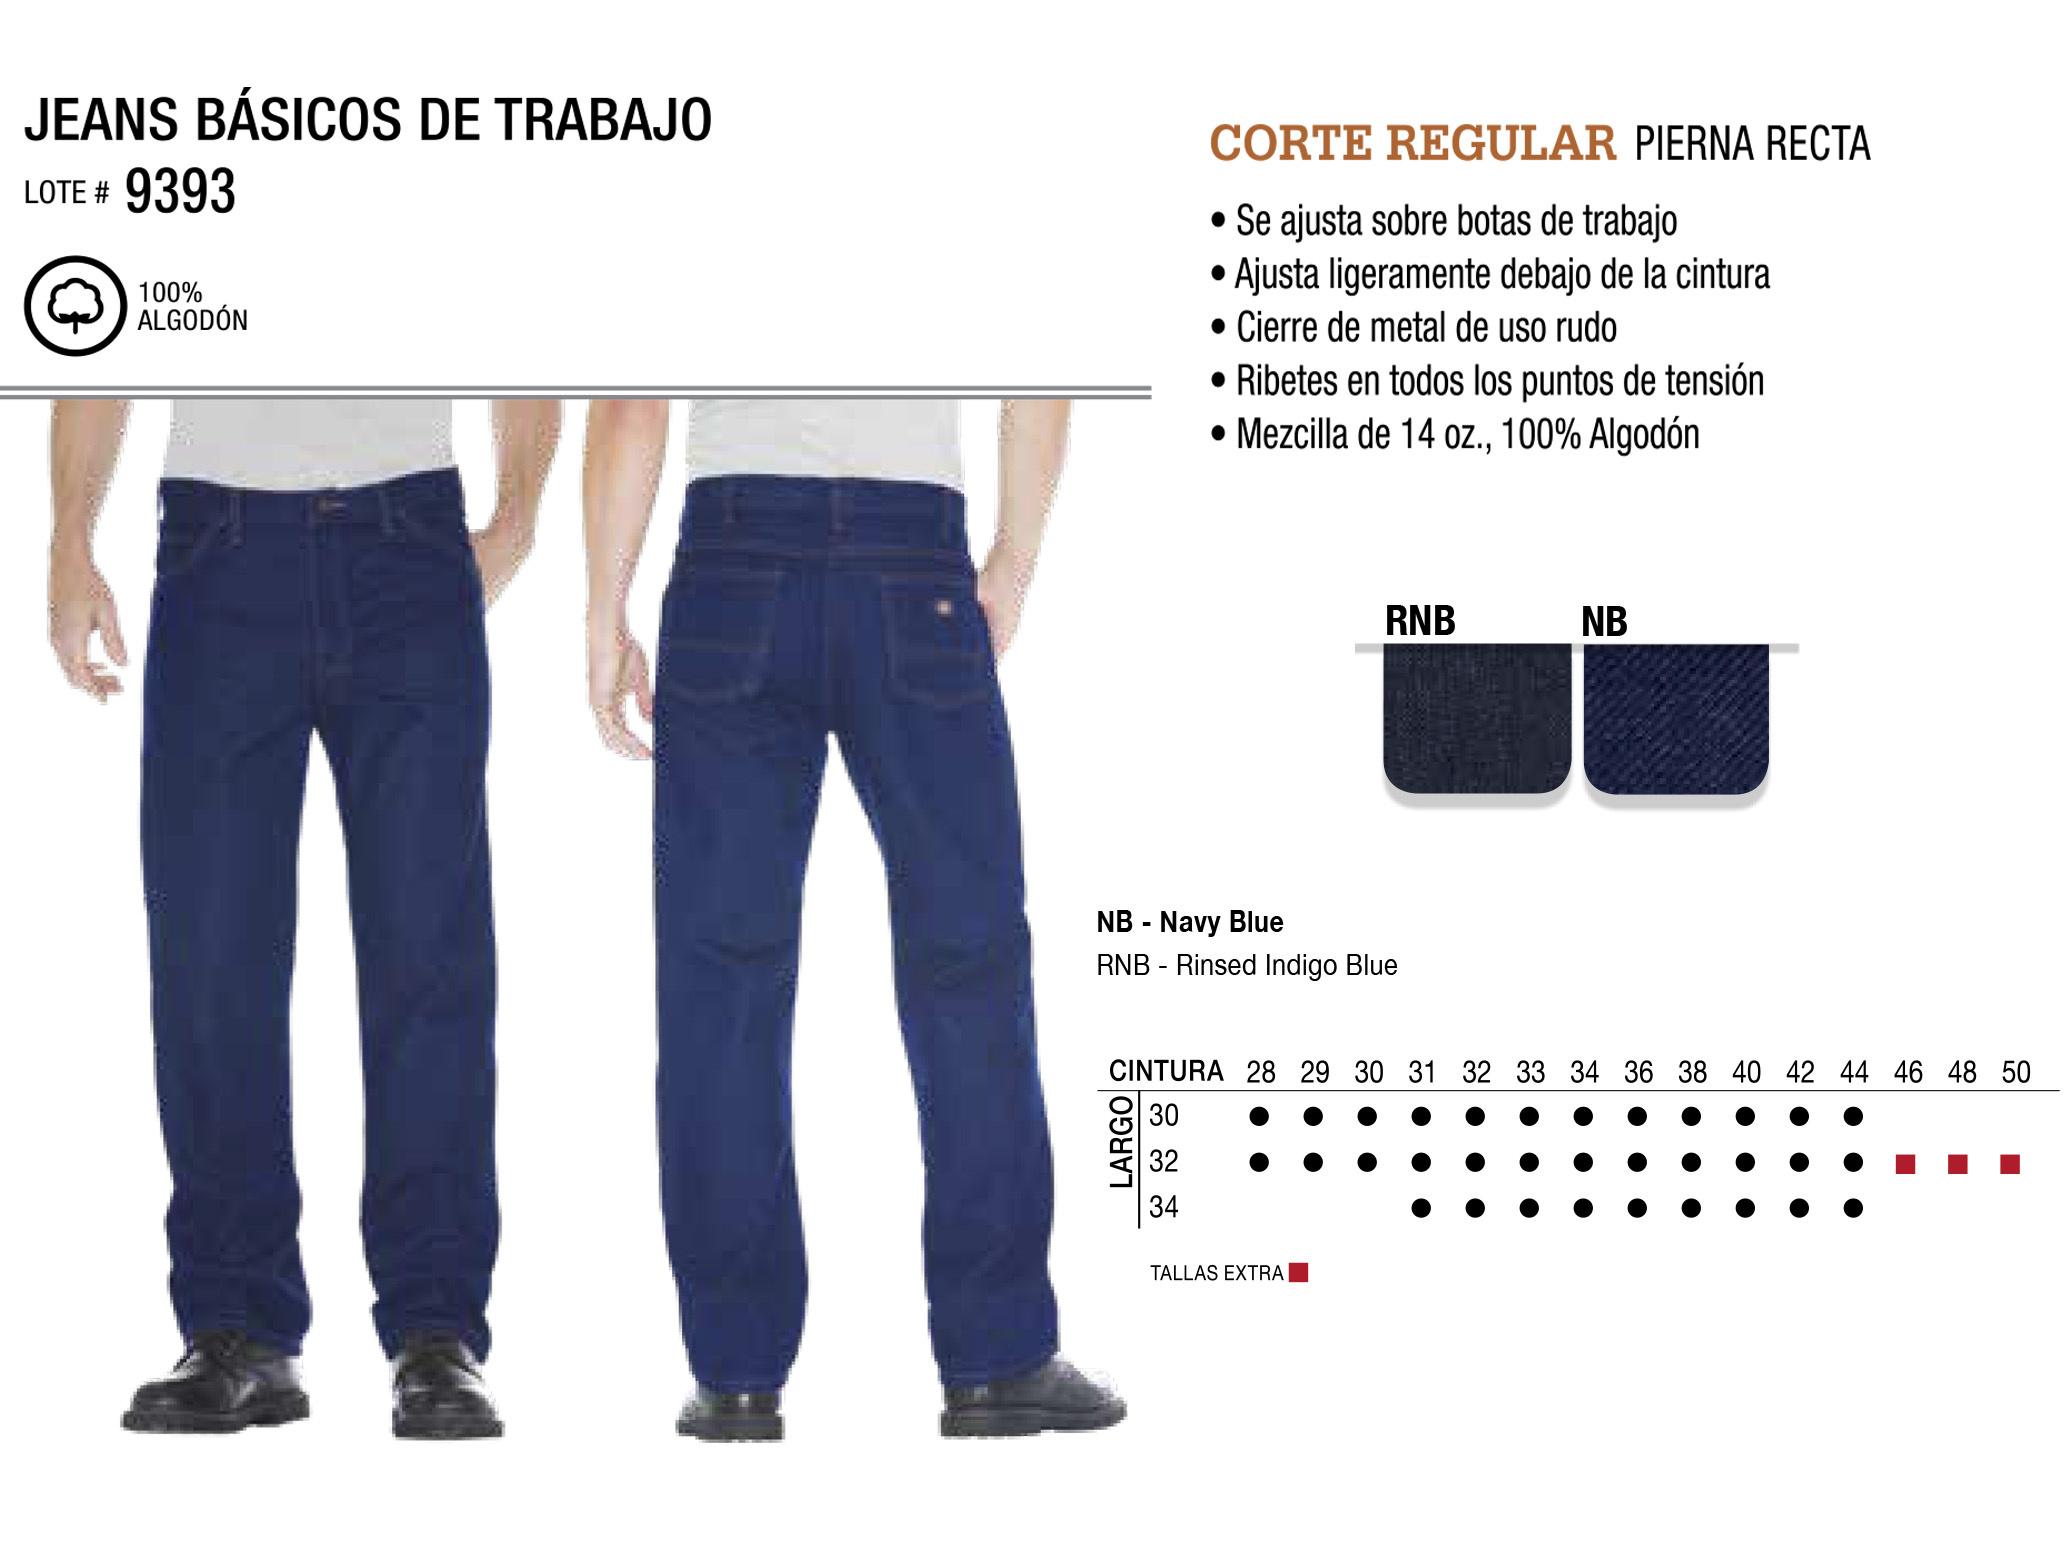 Jeans Básicos de Trabajo. Corte Regular. 9393.